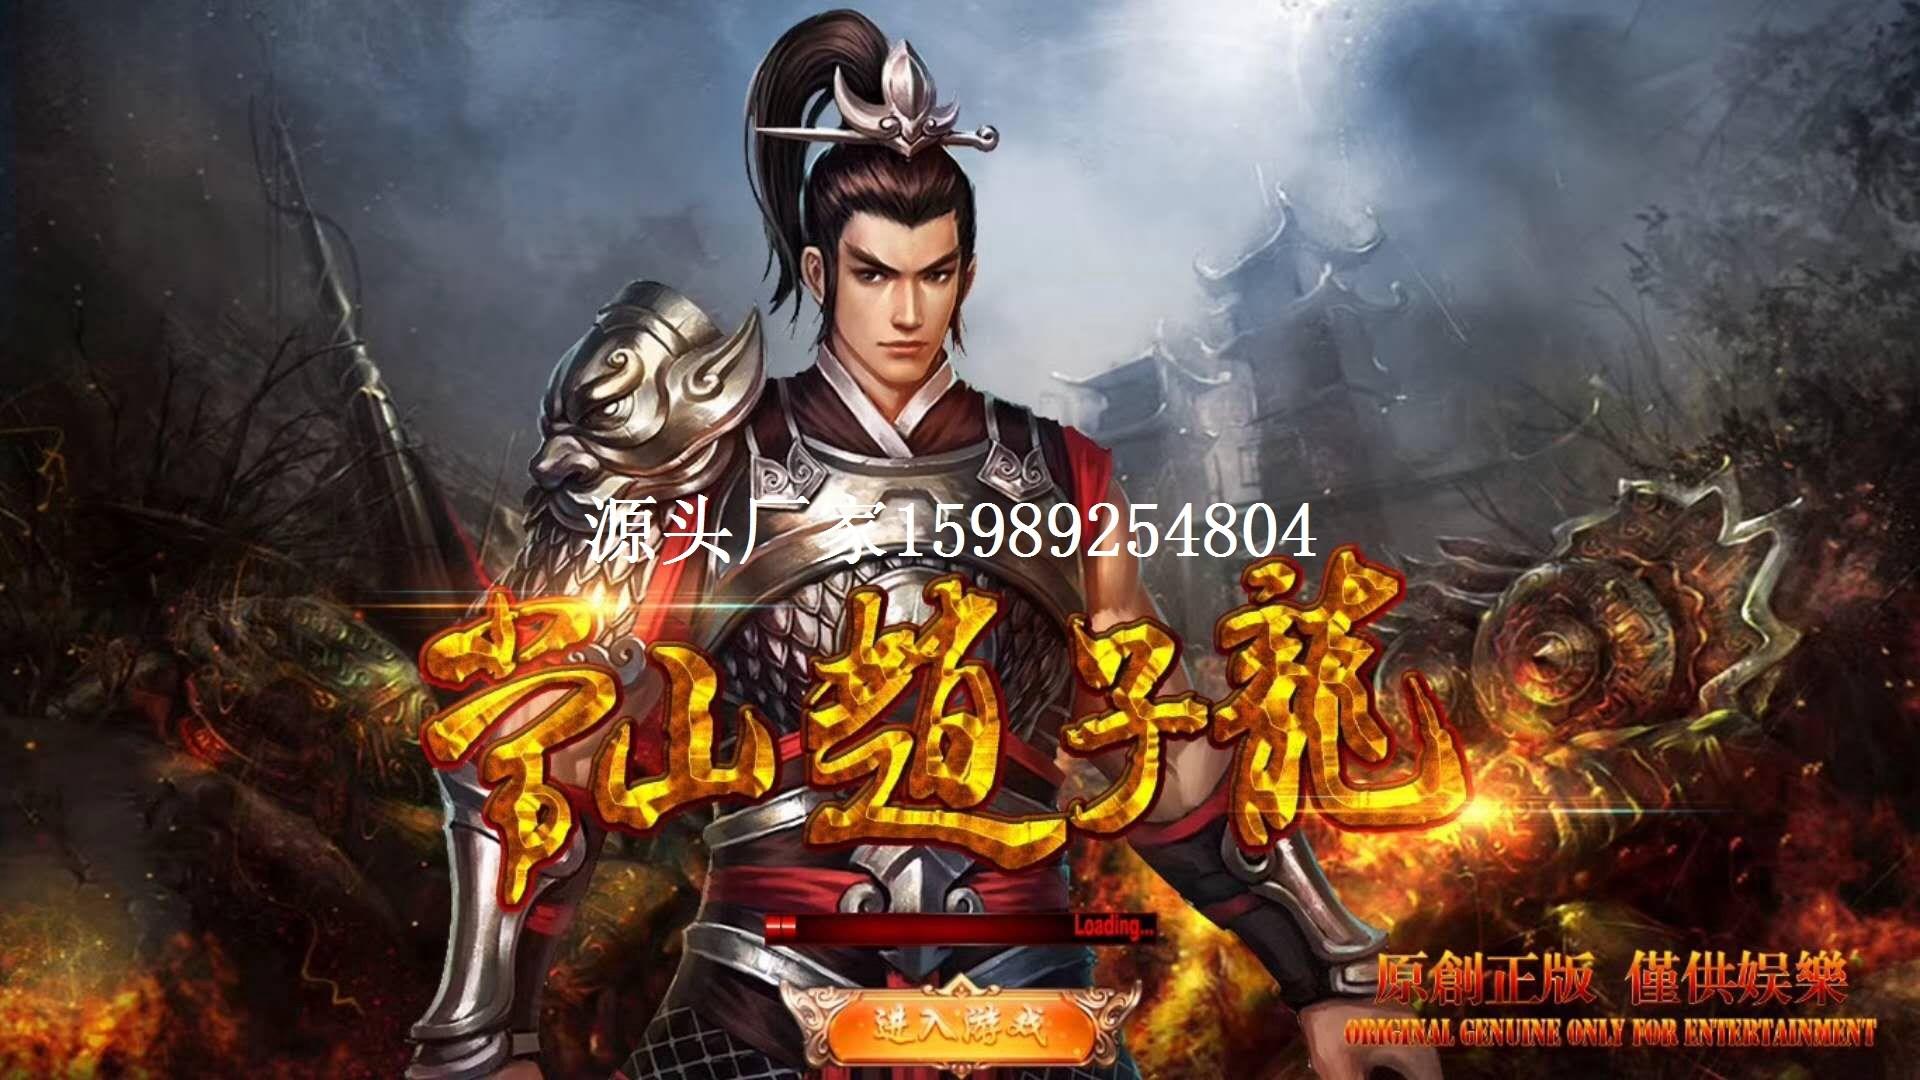 广州捕鱼游戏机批发直销邯郸捕鱼游戏机